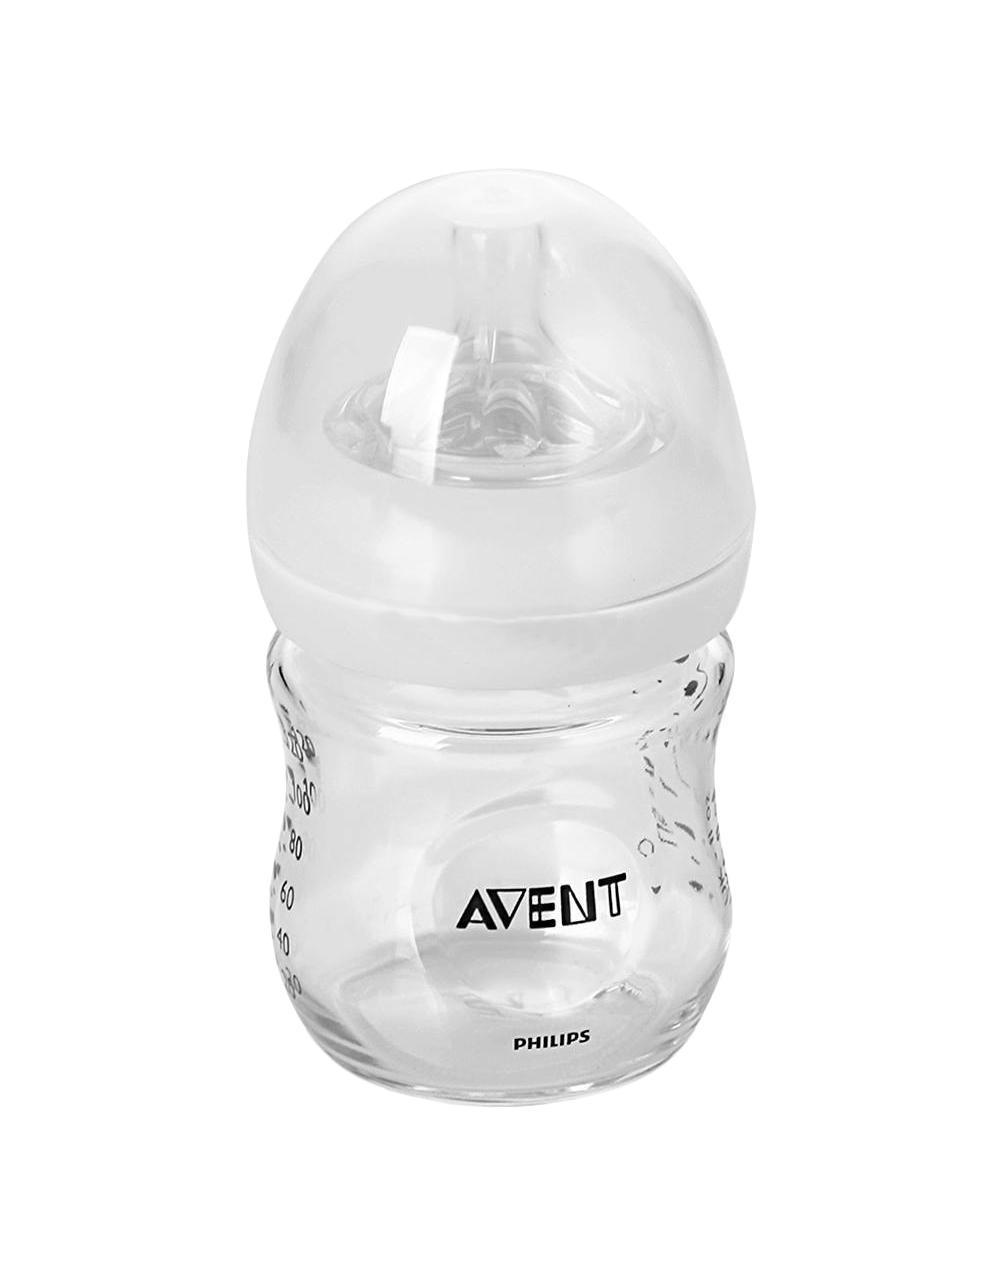 """Стеклянная бутылочка Philips Avent серии Natural поможет сделать процесс кормления более естественным для малыша и для Вас. Соска с уникальными лепестками повторяет форму груди и позволяет легко совмещать кормление грудью и кормление из бутылочки. Стеклянная бутылочка серии Natural выдерживает перепады температуры, поэтому ее можно безопасно хранить в холодильнике, нагревать и стерилизовать. Благодаря широкой соске, повторяющей форму груди, можно легко сочетать кормление грудью и кормление из бутылочки. Специальные """"лепестки"""" внутри соски делают ее более мягкой и гибкой, не позволяя соске сминаться, что создает дополнительный комфорт для ребенка во время кормления. Инновационный двойной клапан снижает вероятность колик, так как воздух поступает в бутылочку, а не в животик малыша. Благодаря широкому горлышку бутылочку удобно мыть и наполнять. Небольшое количество деталей позволяет быстро собрать и разобрать бутылочку. Полностью перерабатываемое..."""